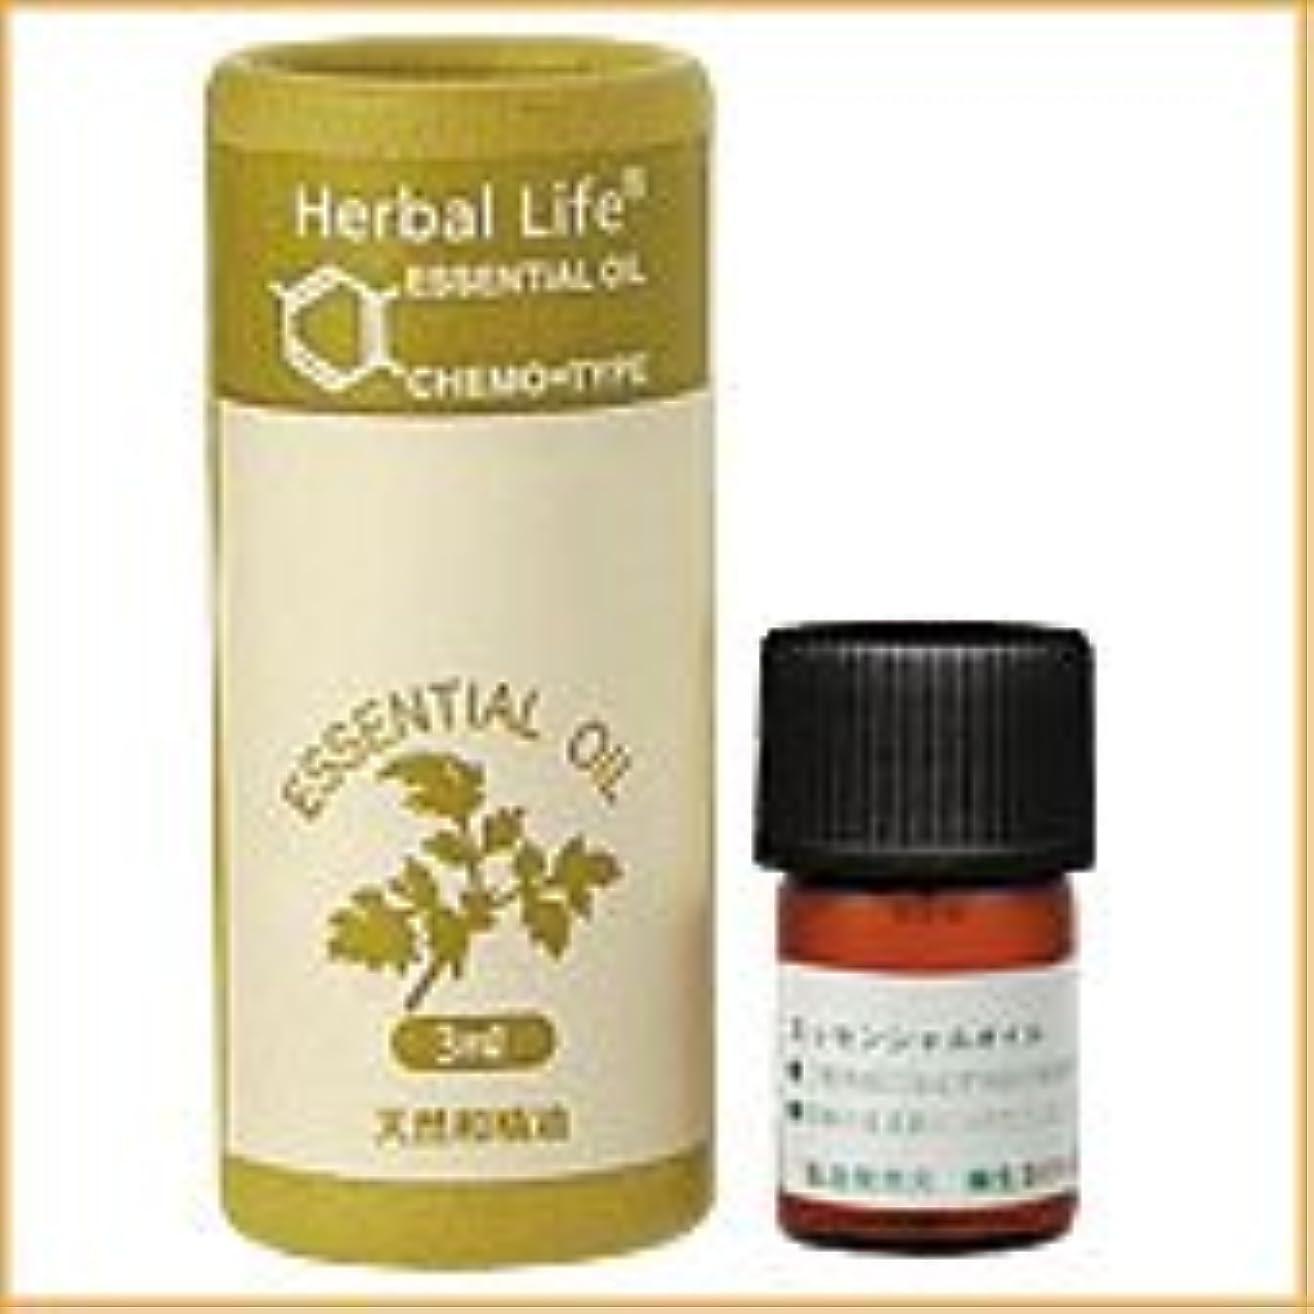 スマートにぎやか壁紙生活の木 アロマオイル ヒノキ 3ml (Tree of Life Essential Oil/エッセンシャルオイル)